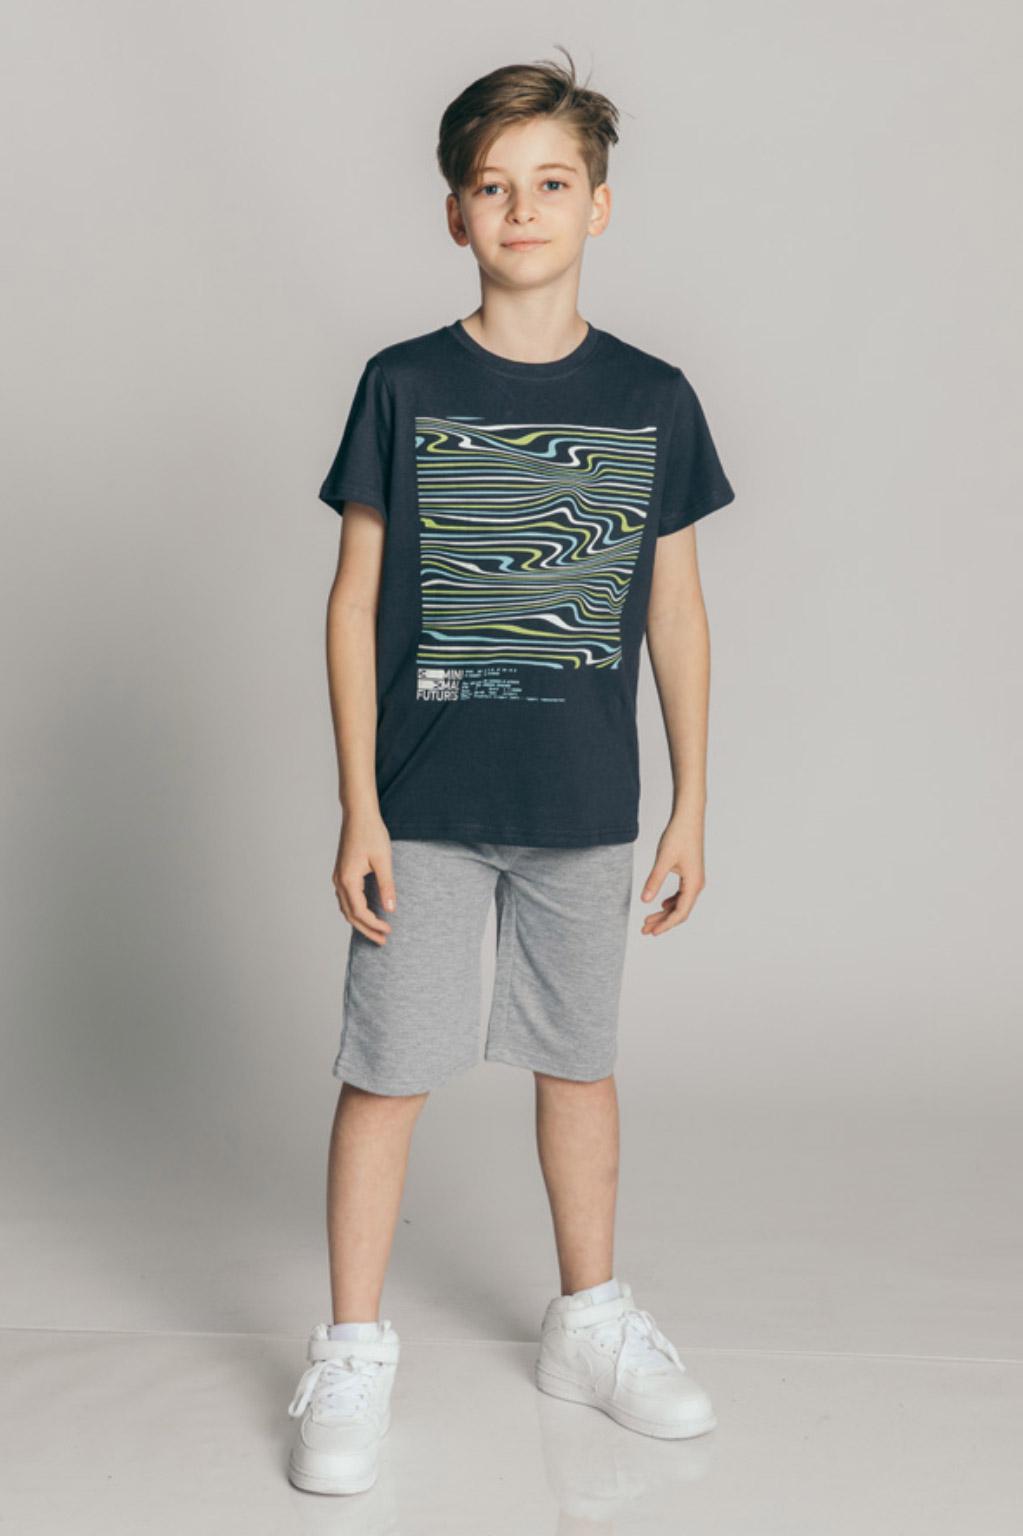 חולצת טריקו קצרה לילדים - אפור כהה